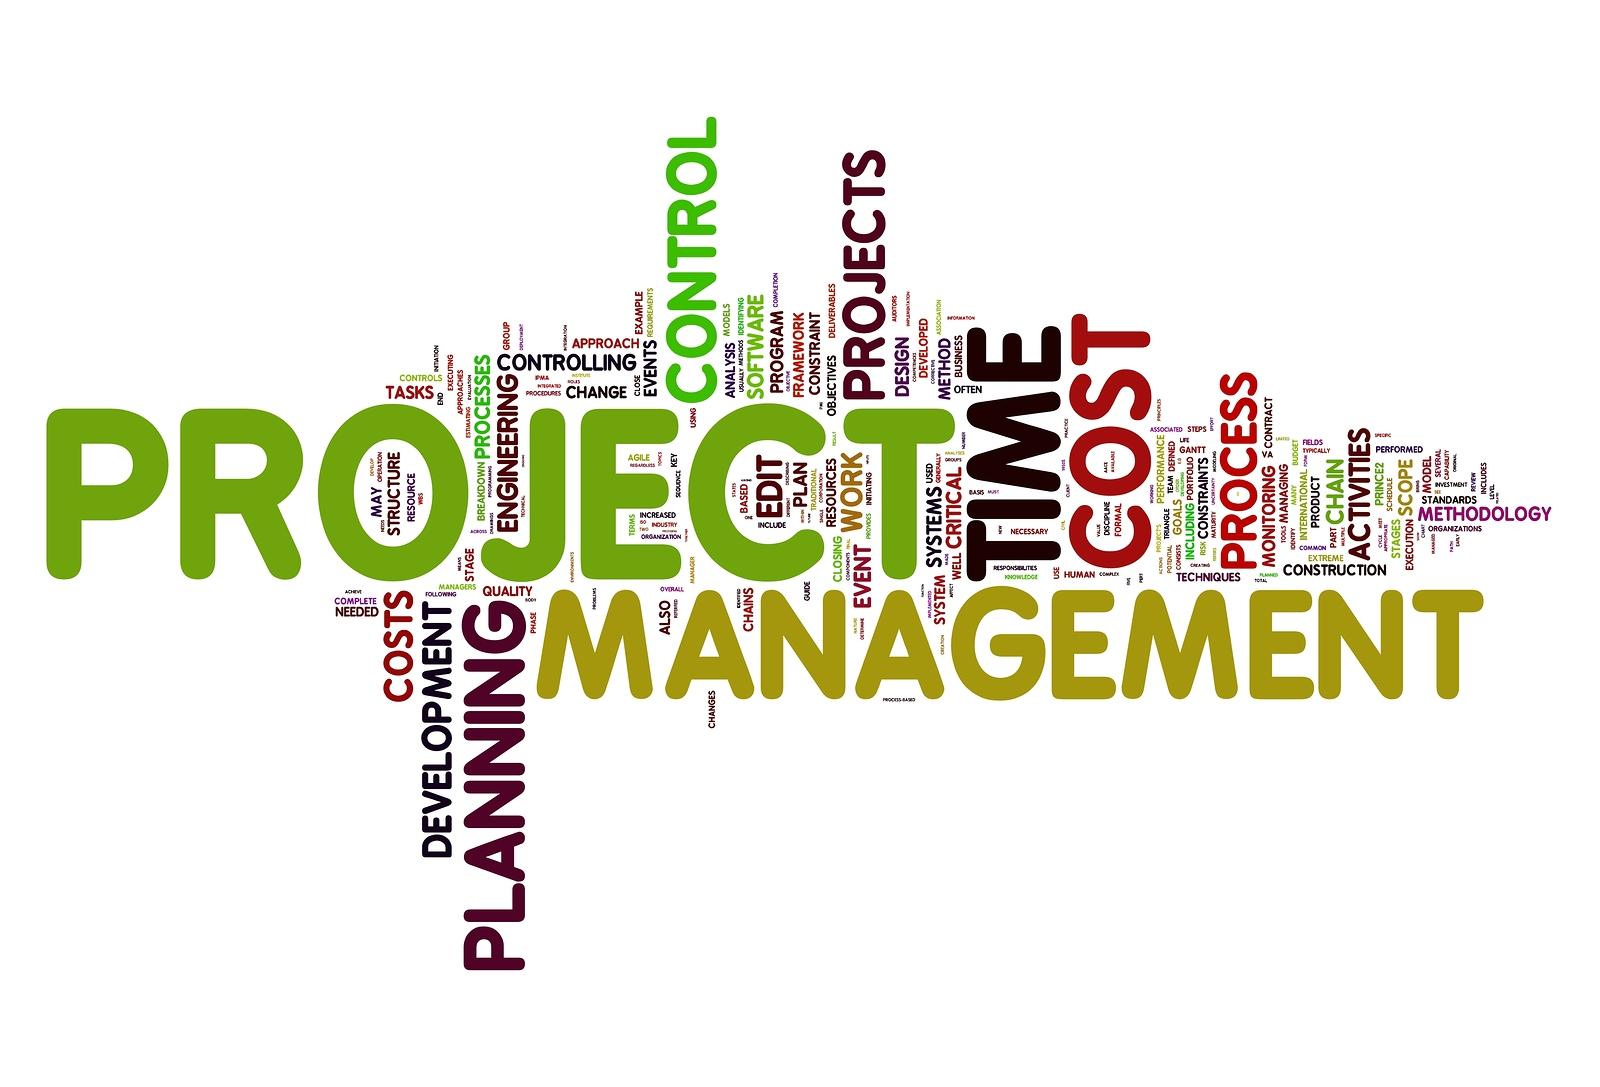 http://s3.amazonaws.com/siteninja/site-ninja1-com/1359325411/original/bigstock-Project-management-concept-in--22790042.jpg?1359325408